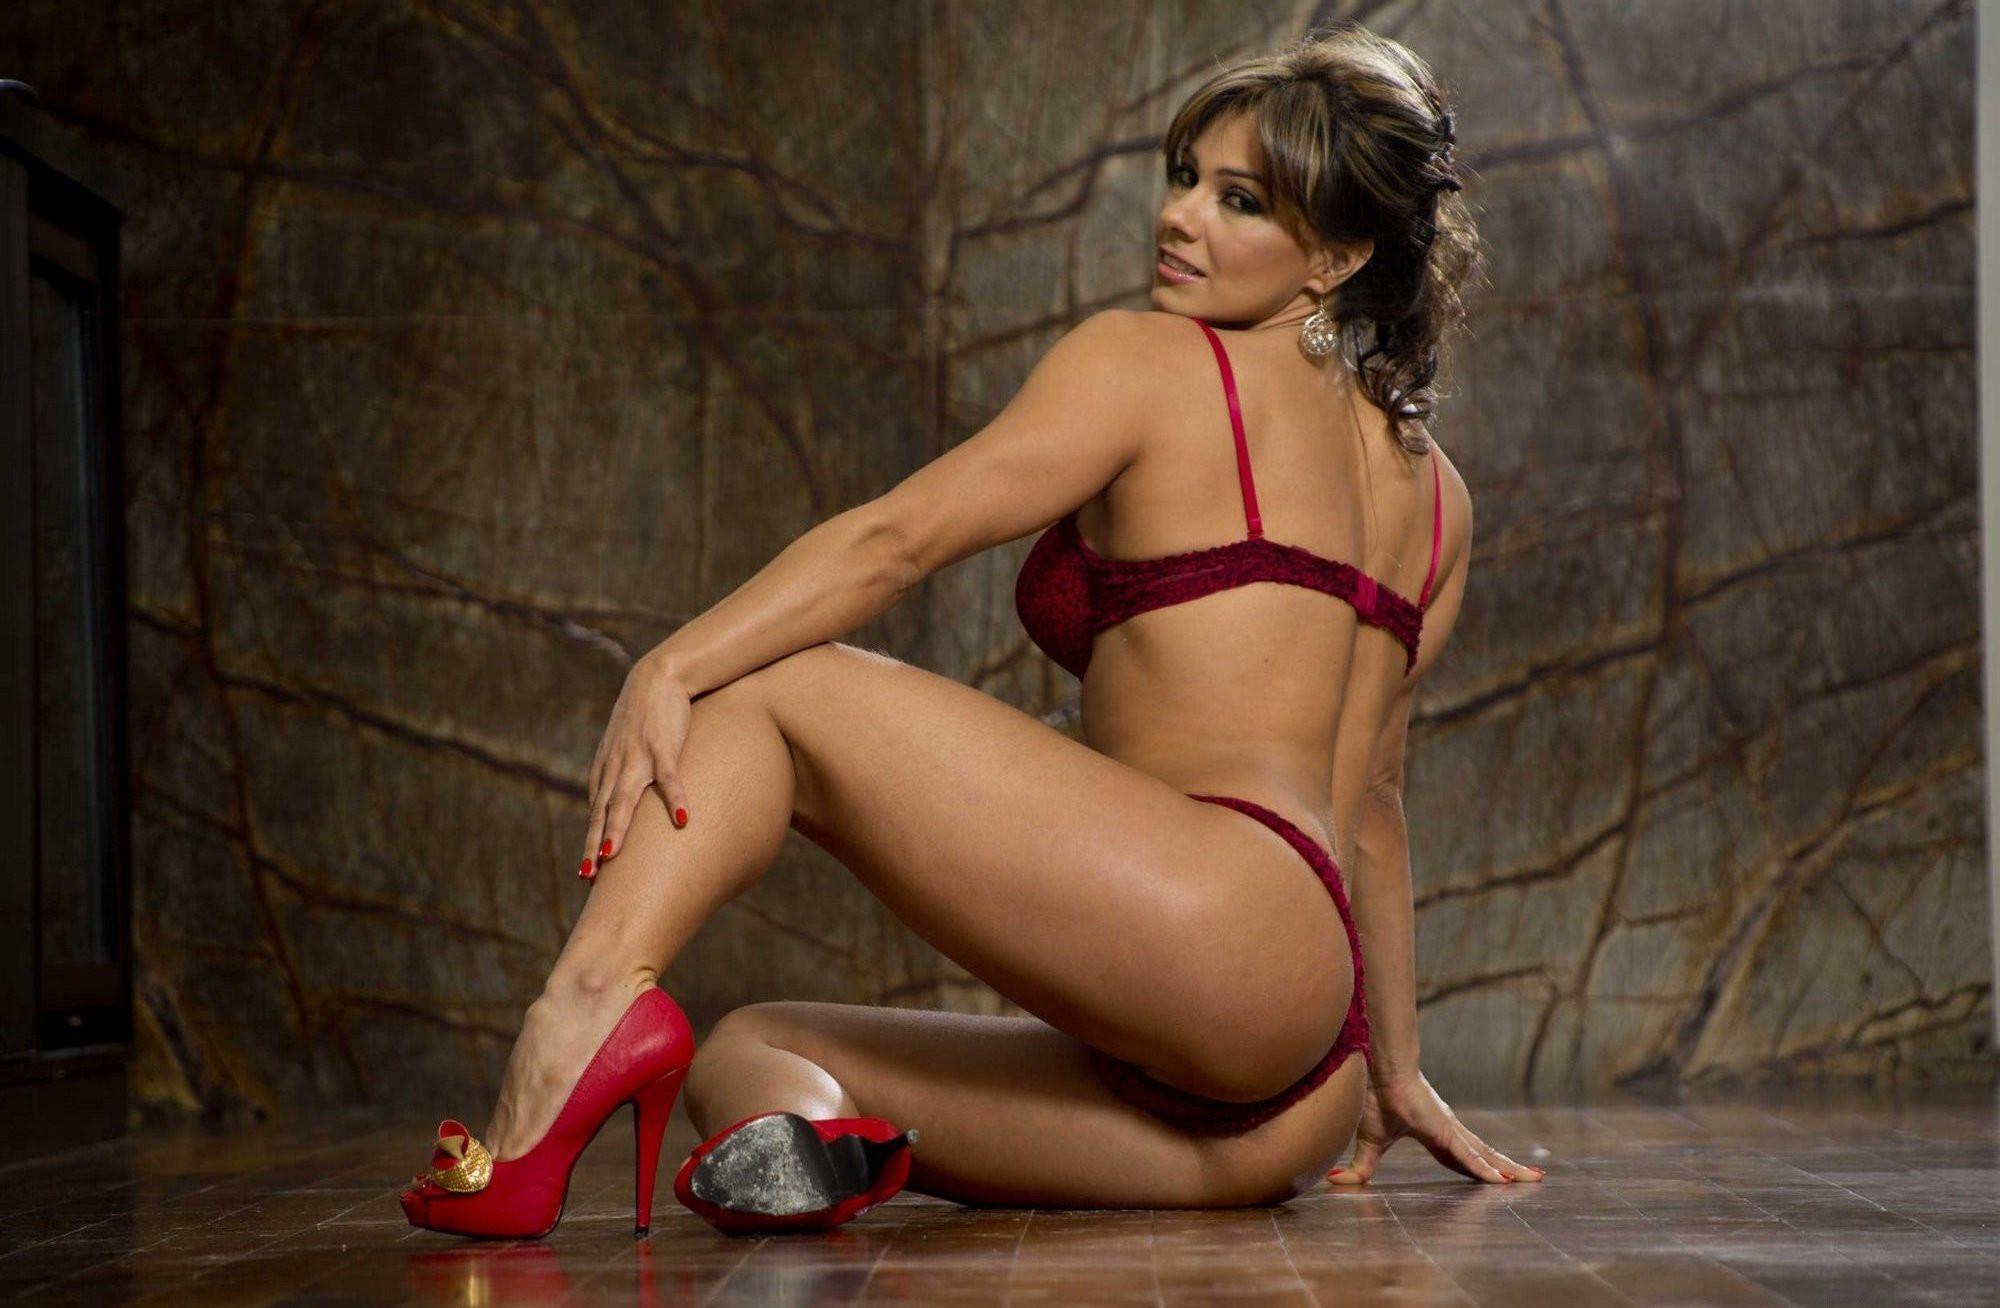 amazing mature super woman in red hot bikini 1 2000x1308